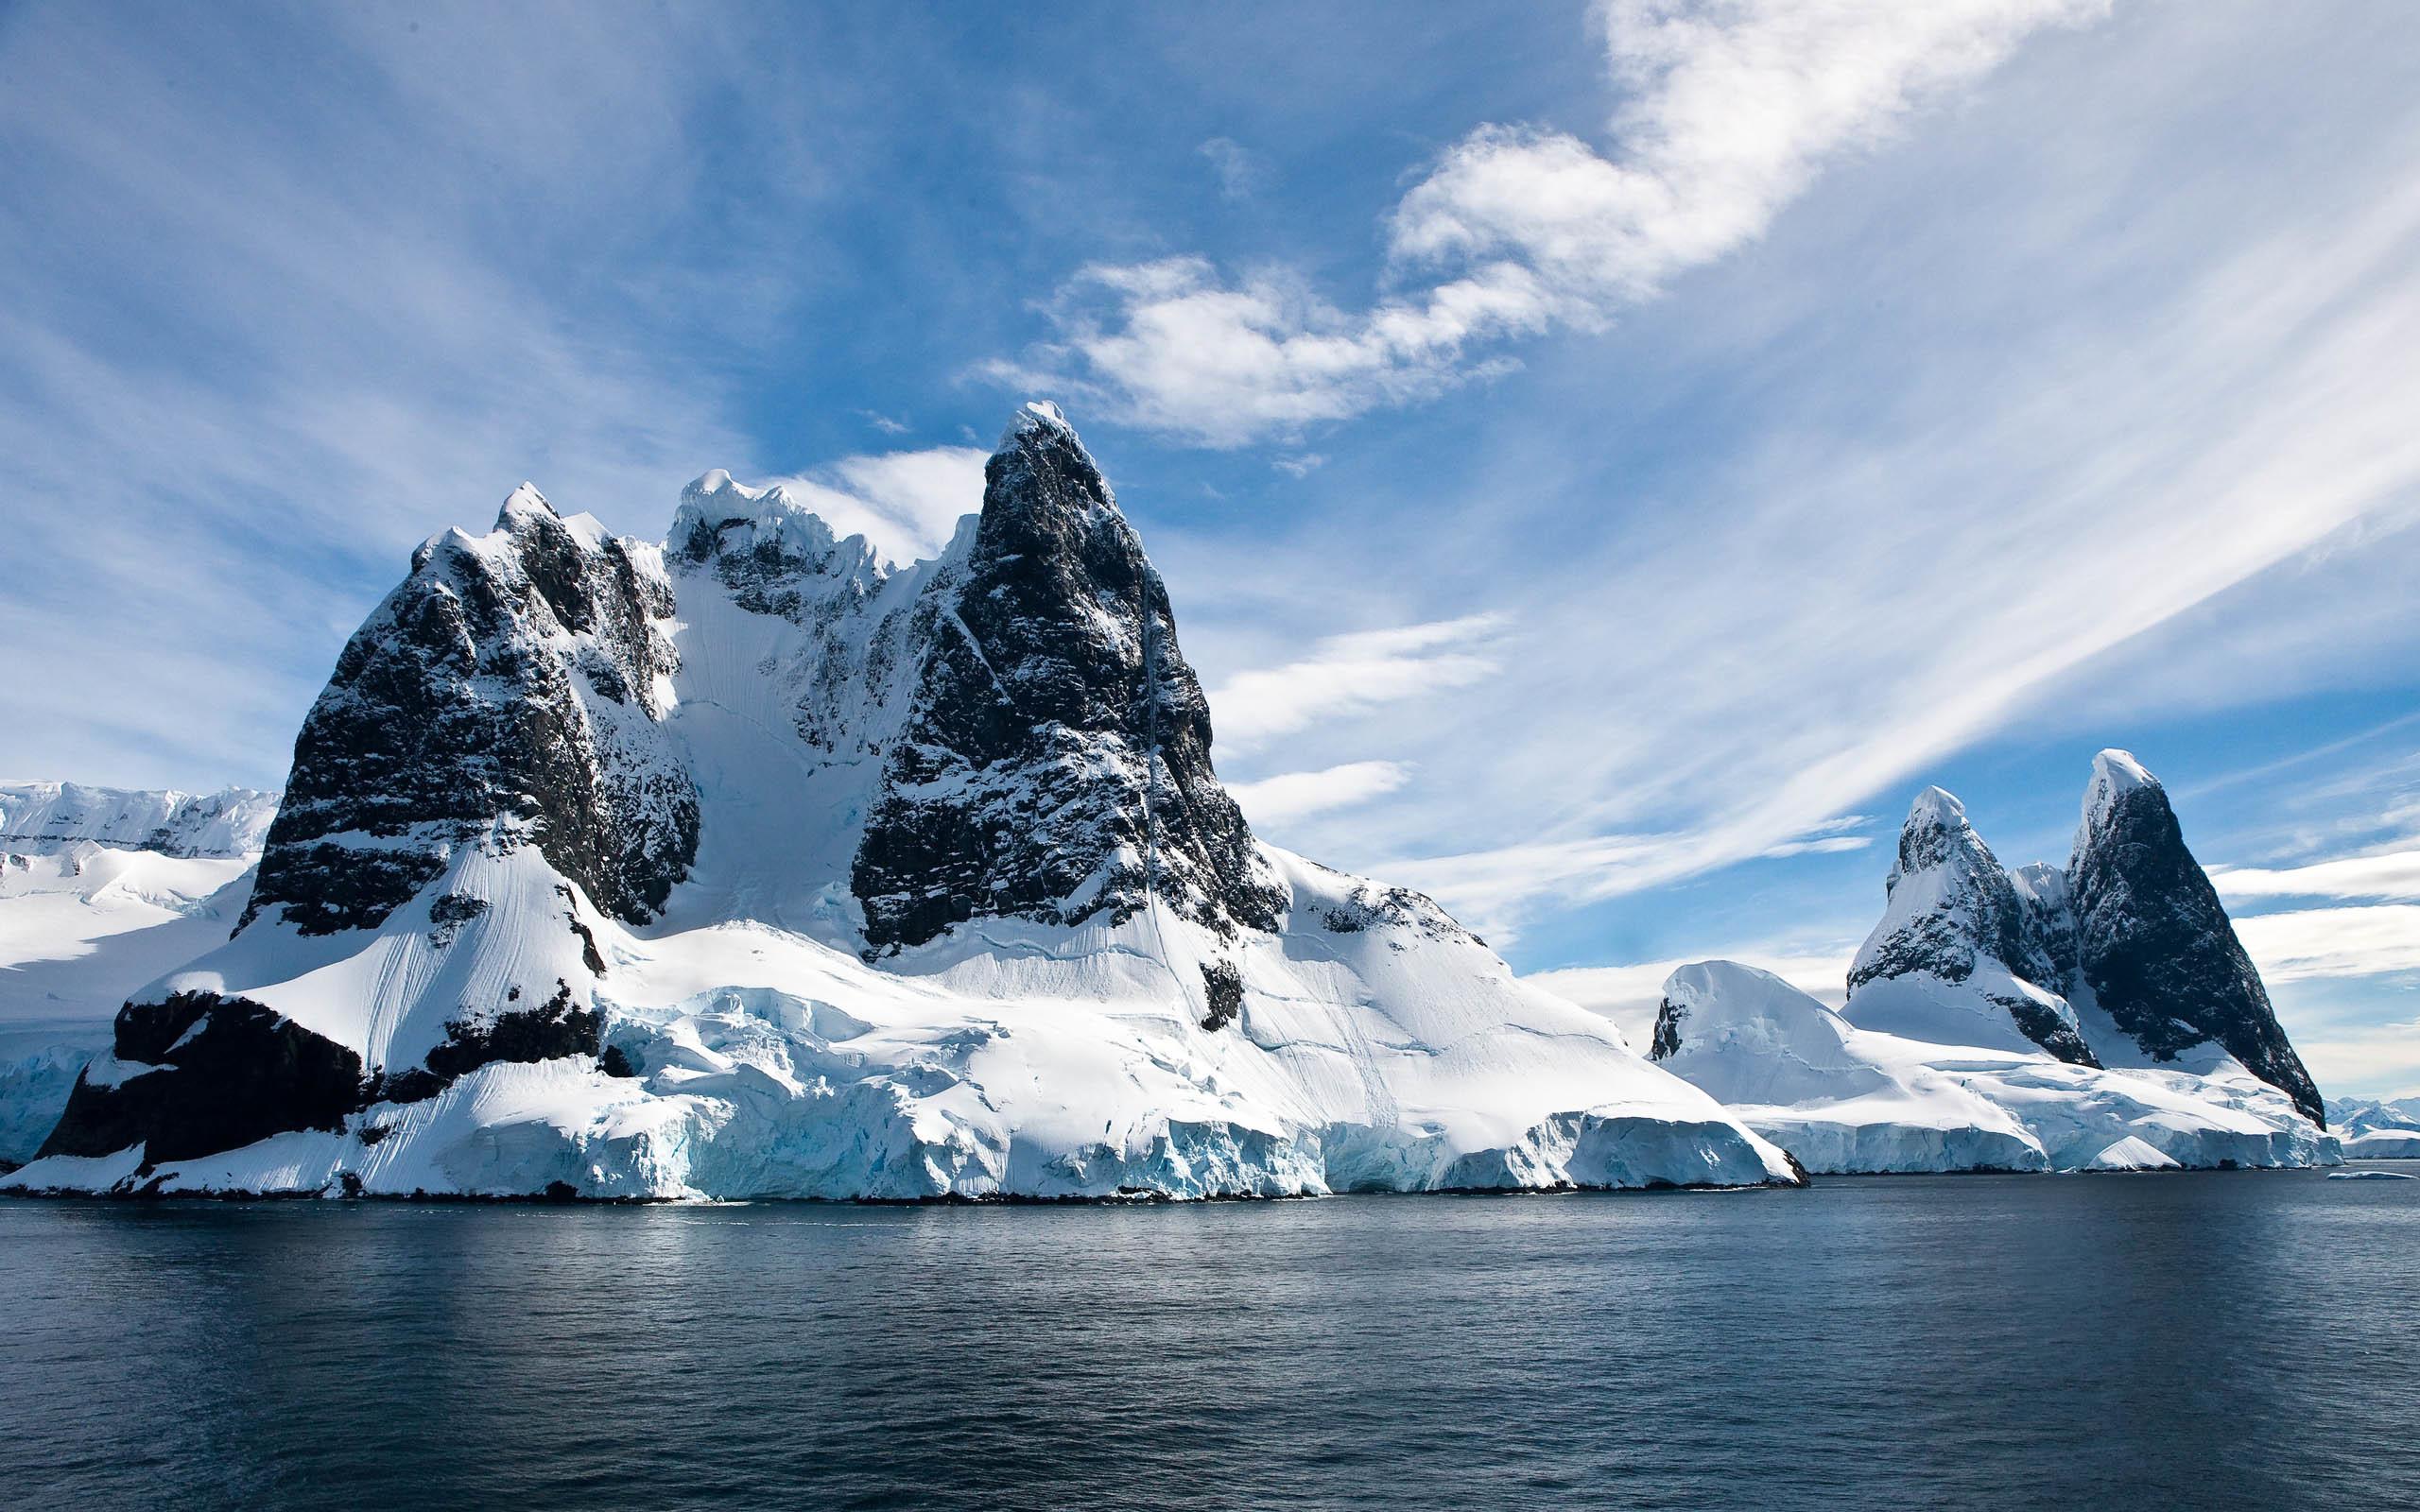 Res: 2560x1600, Glacier Wallpaper 19 - 2560 X 1600